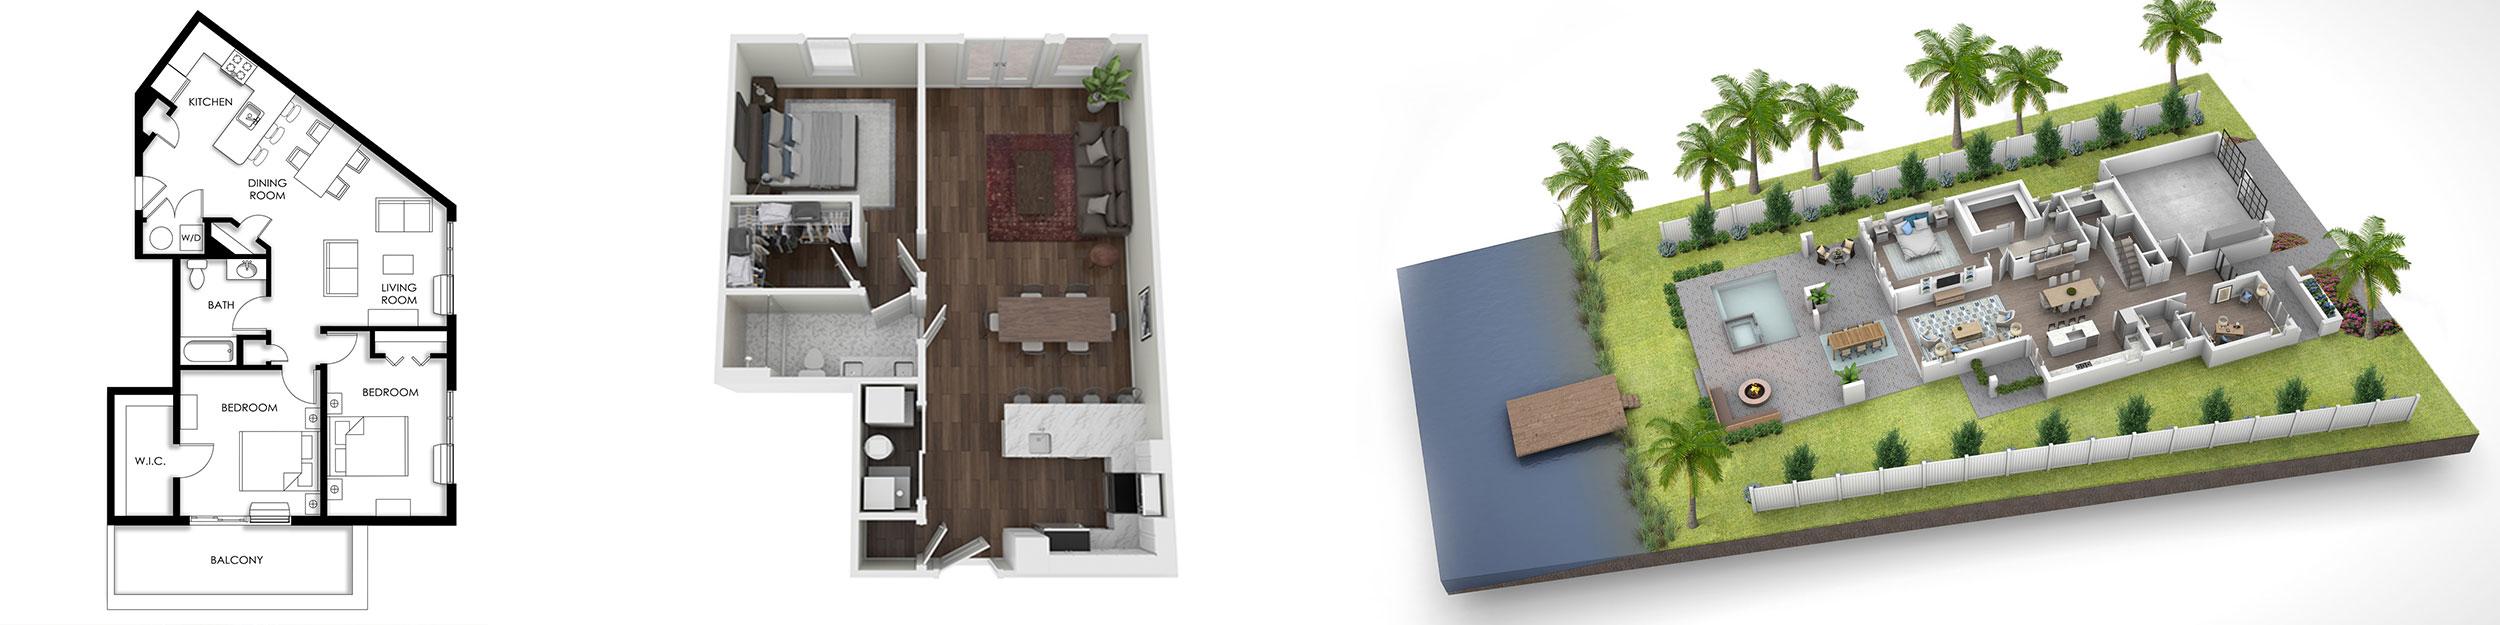 Rendered_Floor_Plans